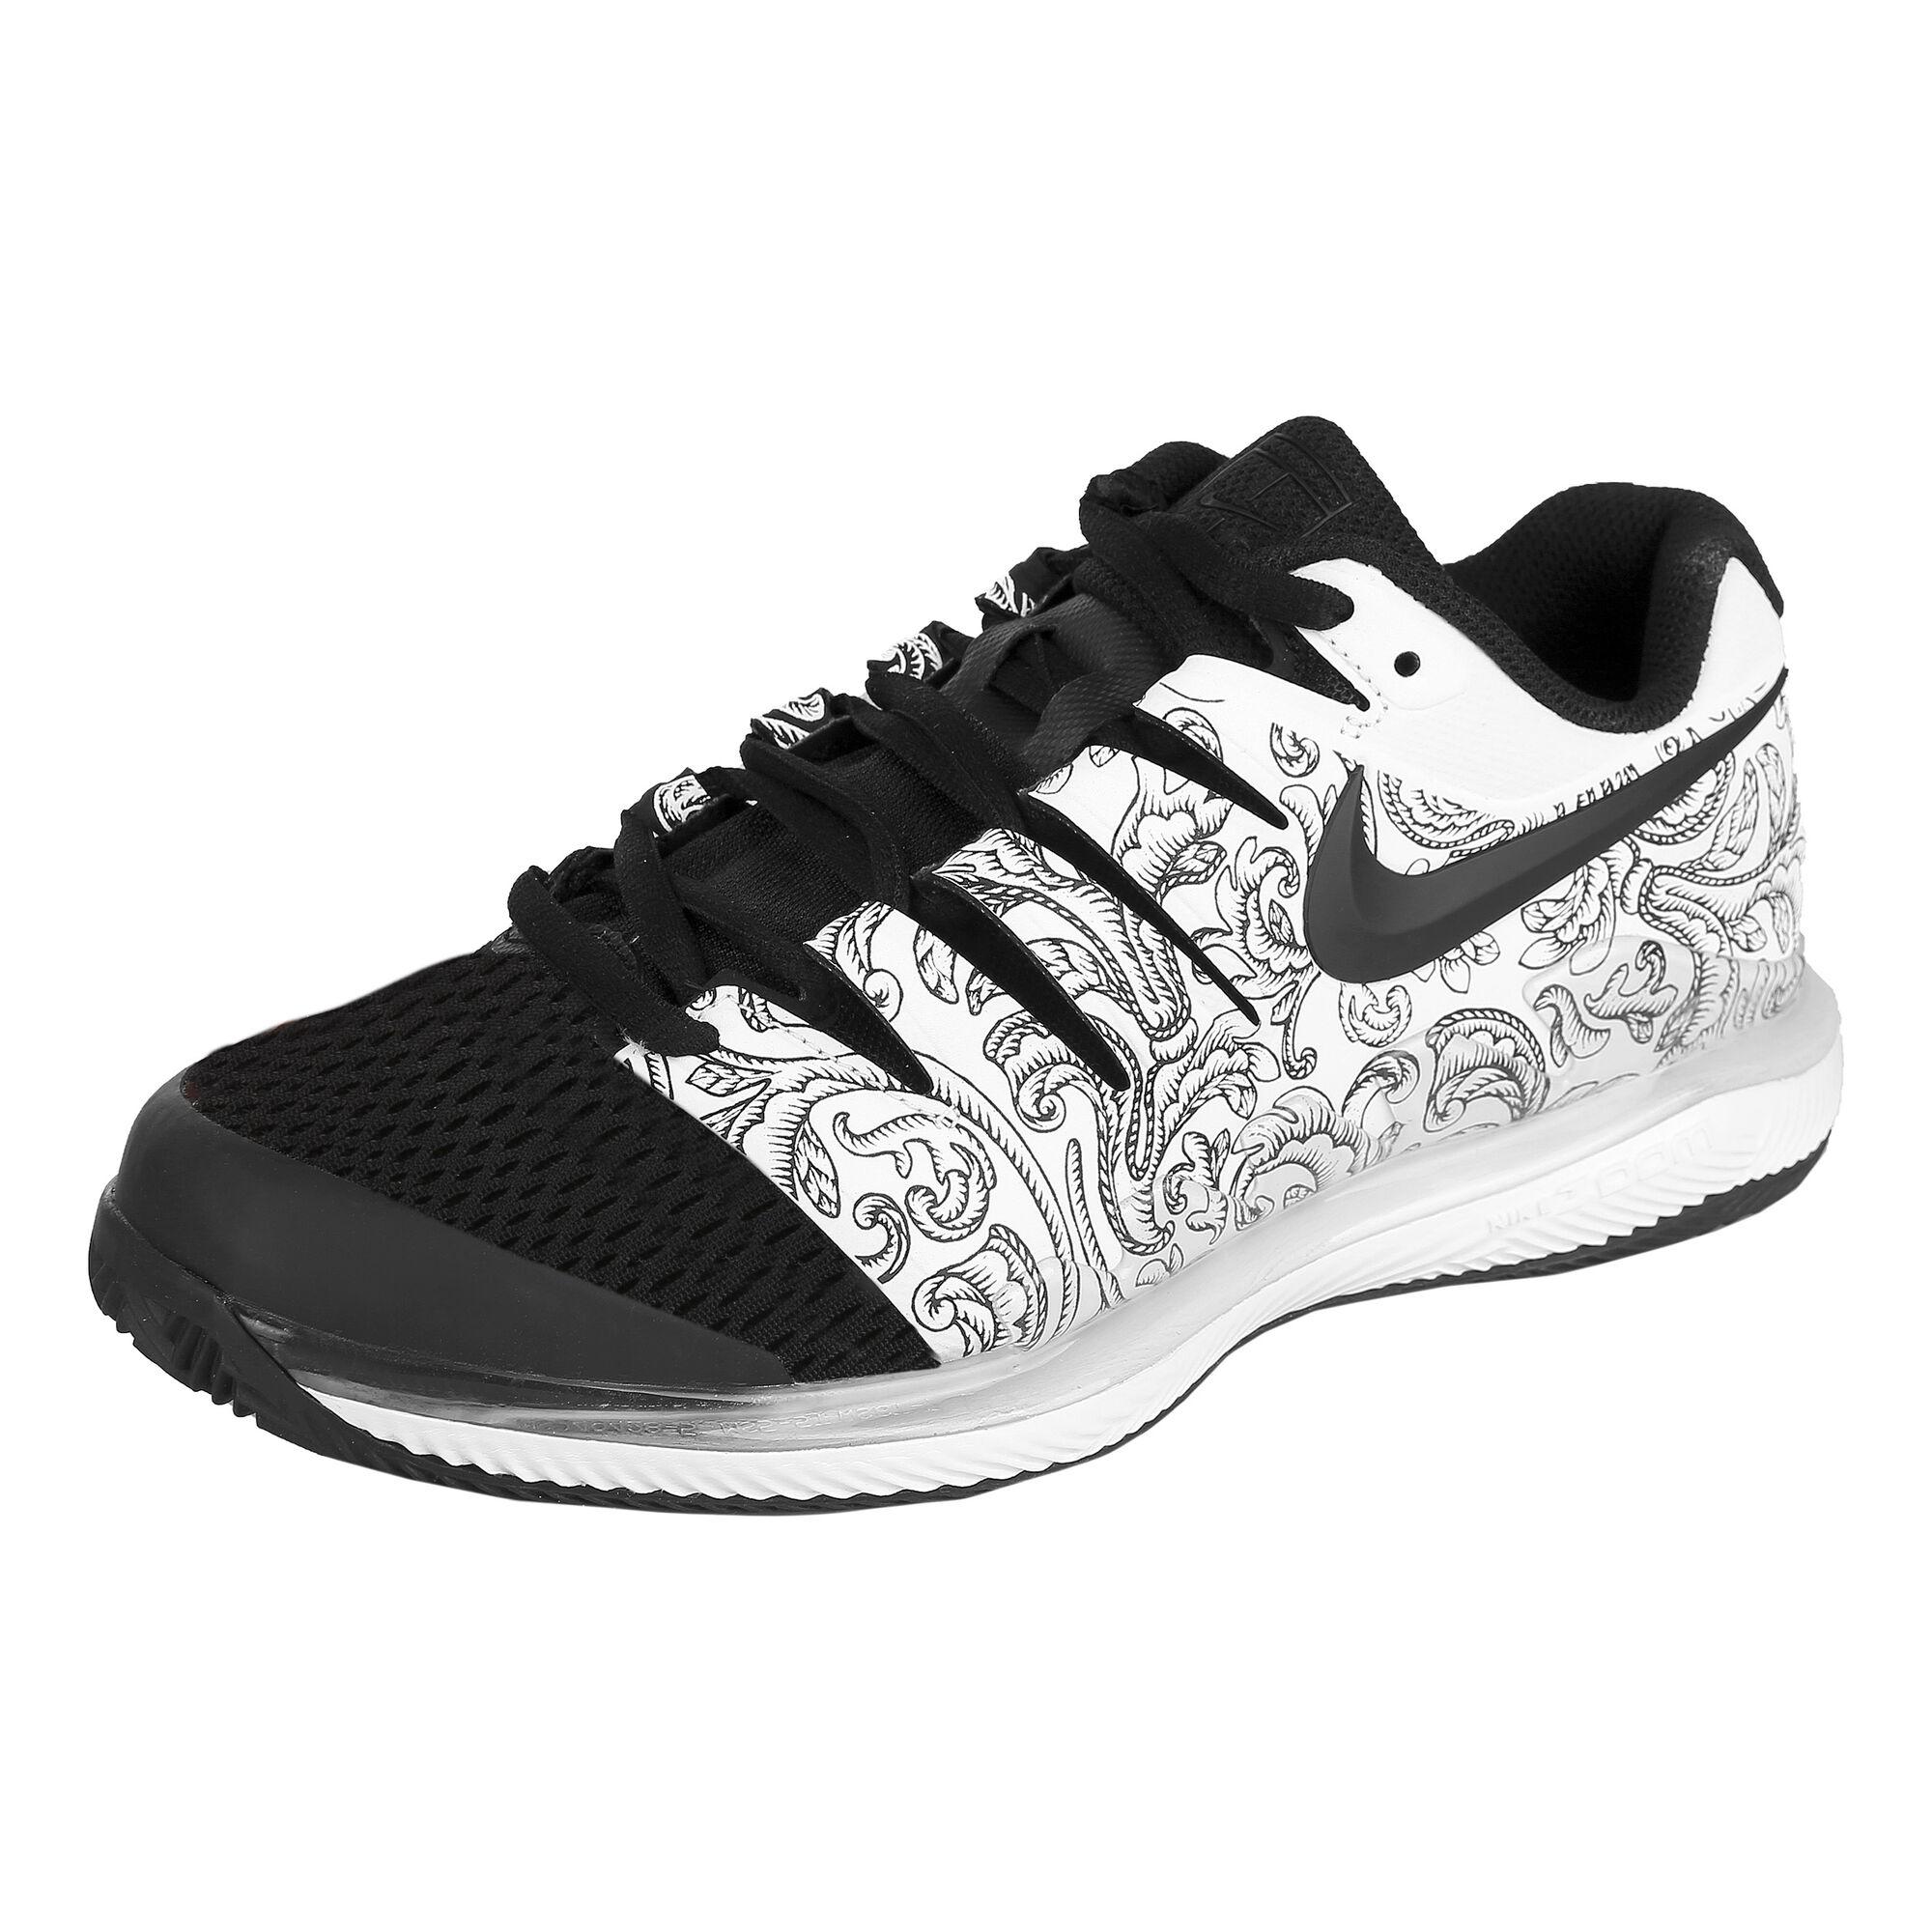 936c7e44 Nike; Nike; Nike; Nike; Nike; Nike; Nike; Nike; Nike. Air Zoom Vapor X ...